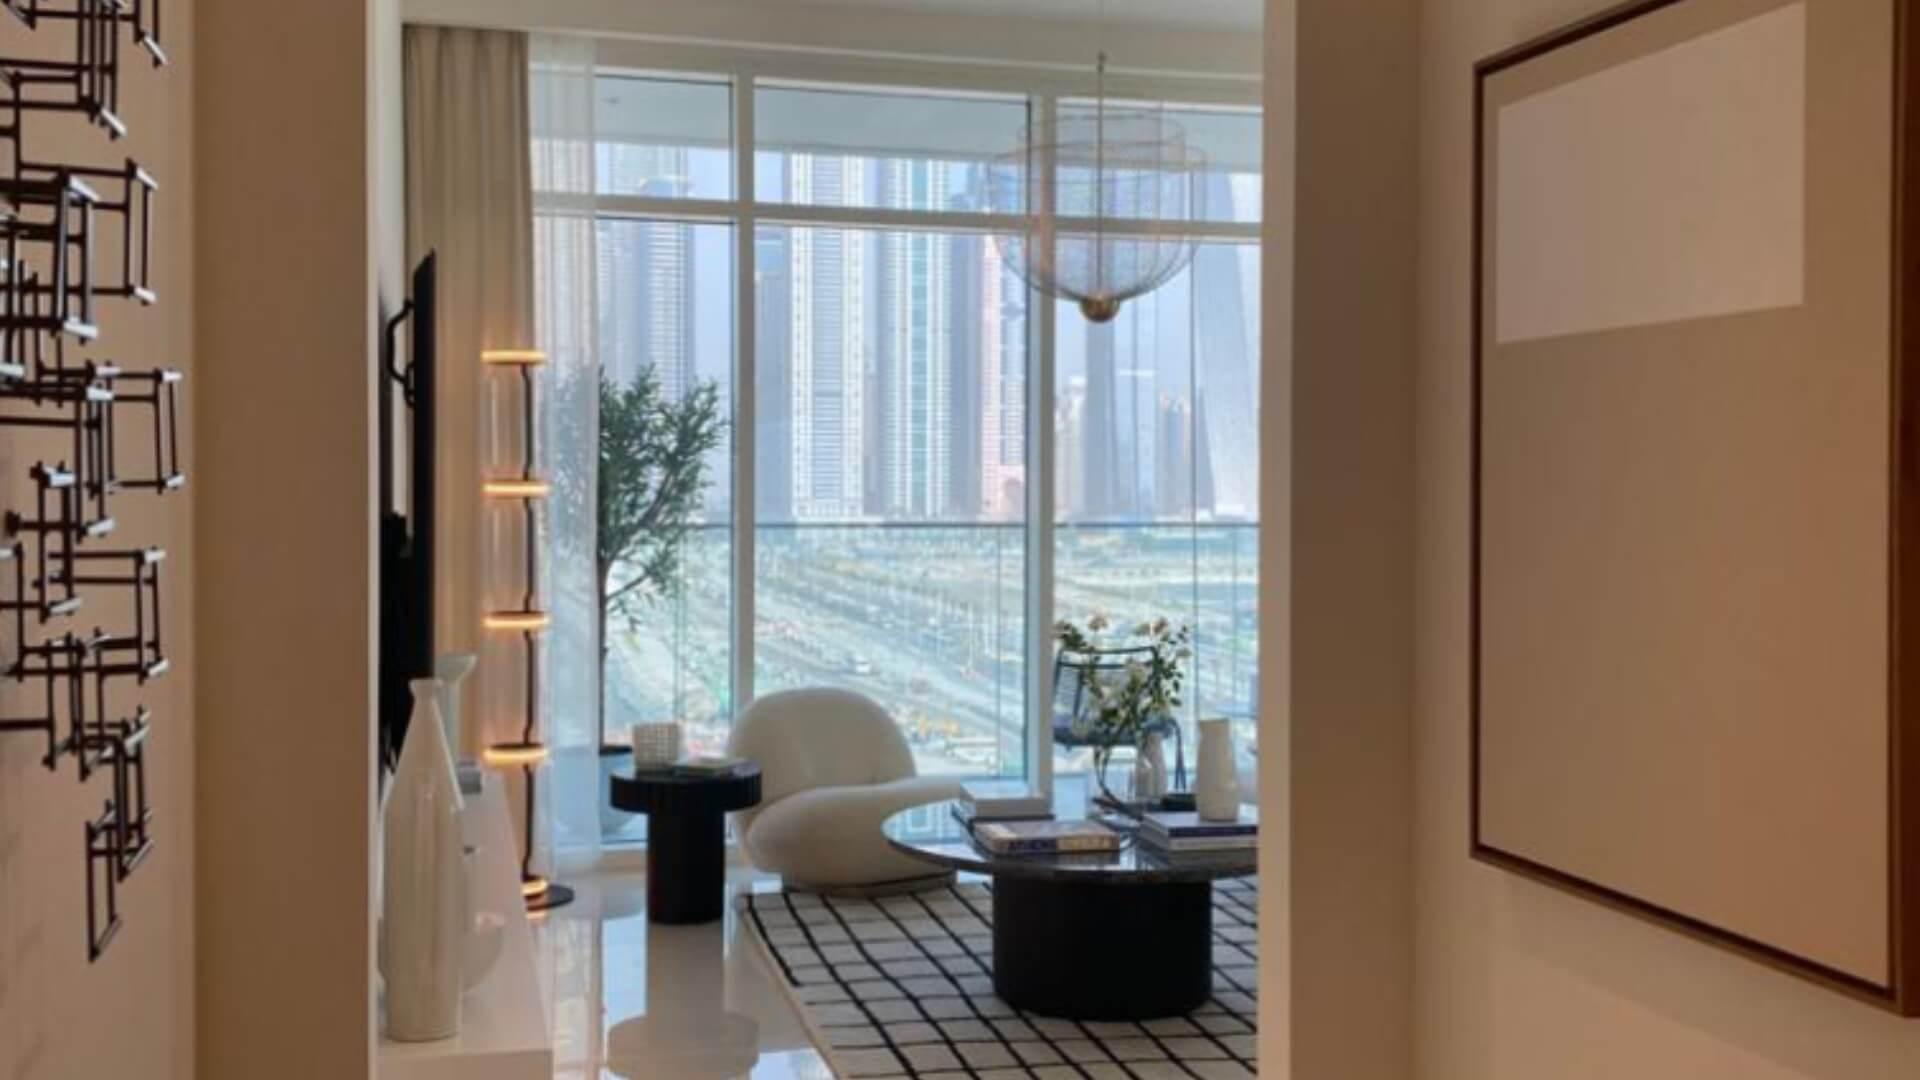 Apartment for sale in Dubai, UAE, 1 bedroom, 68 m2, No. 24297 – photo 5